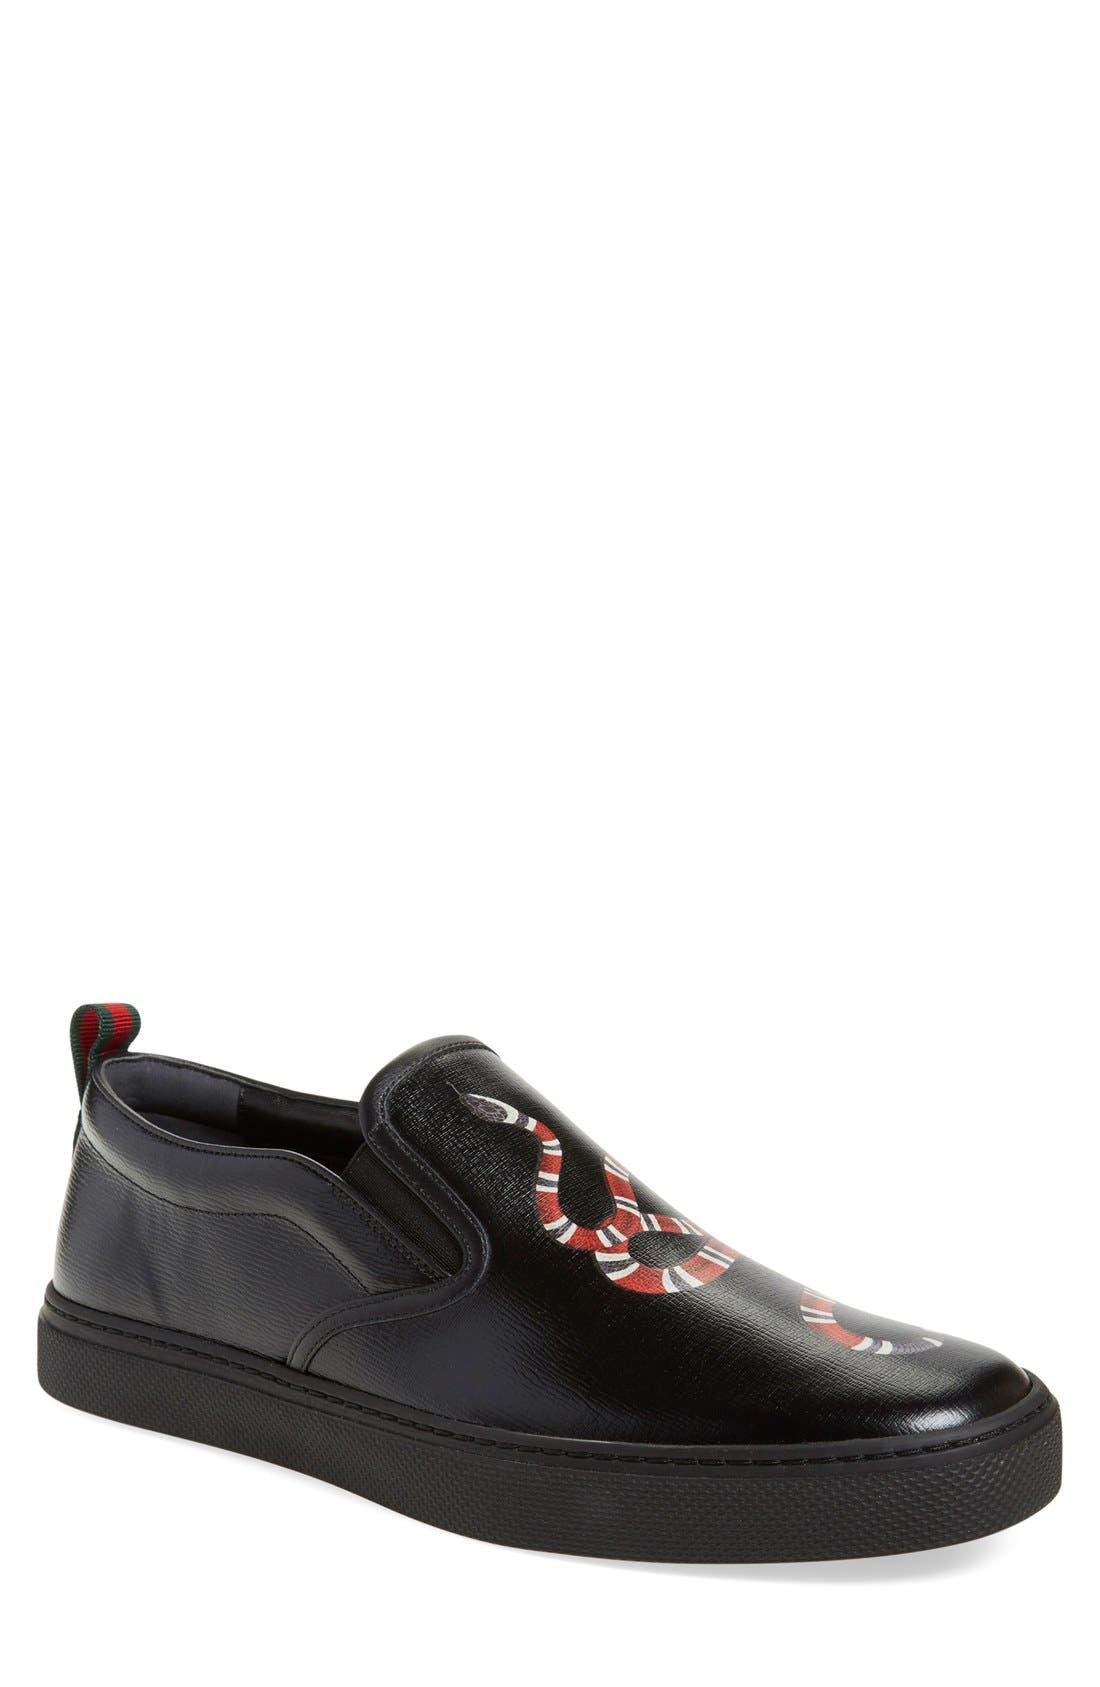 Dublin Slip-On Sneaker,                             Main thumbnail 1, color,